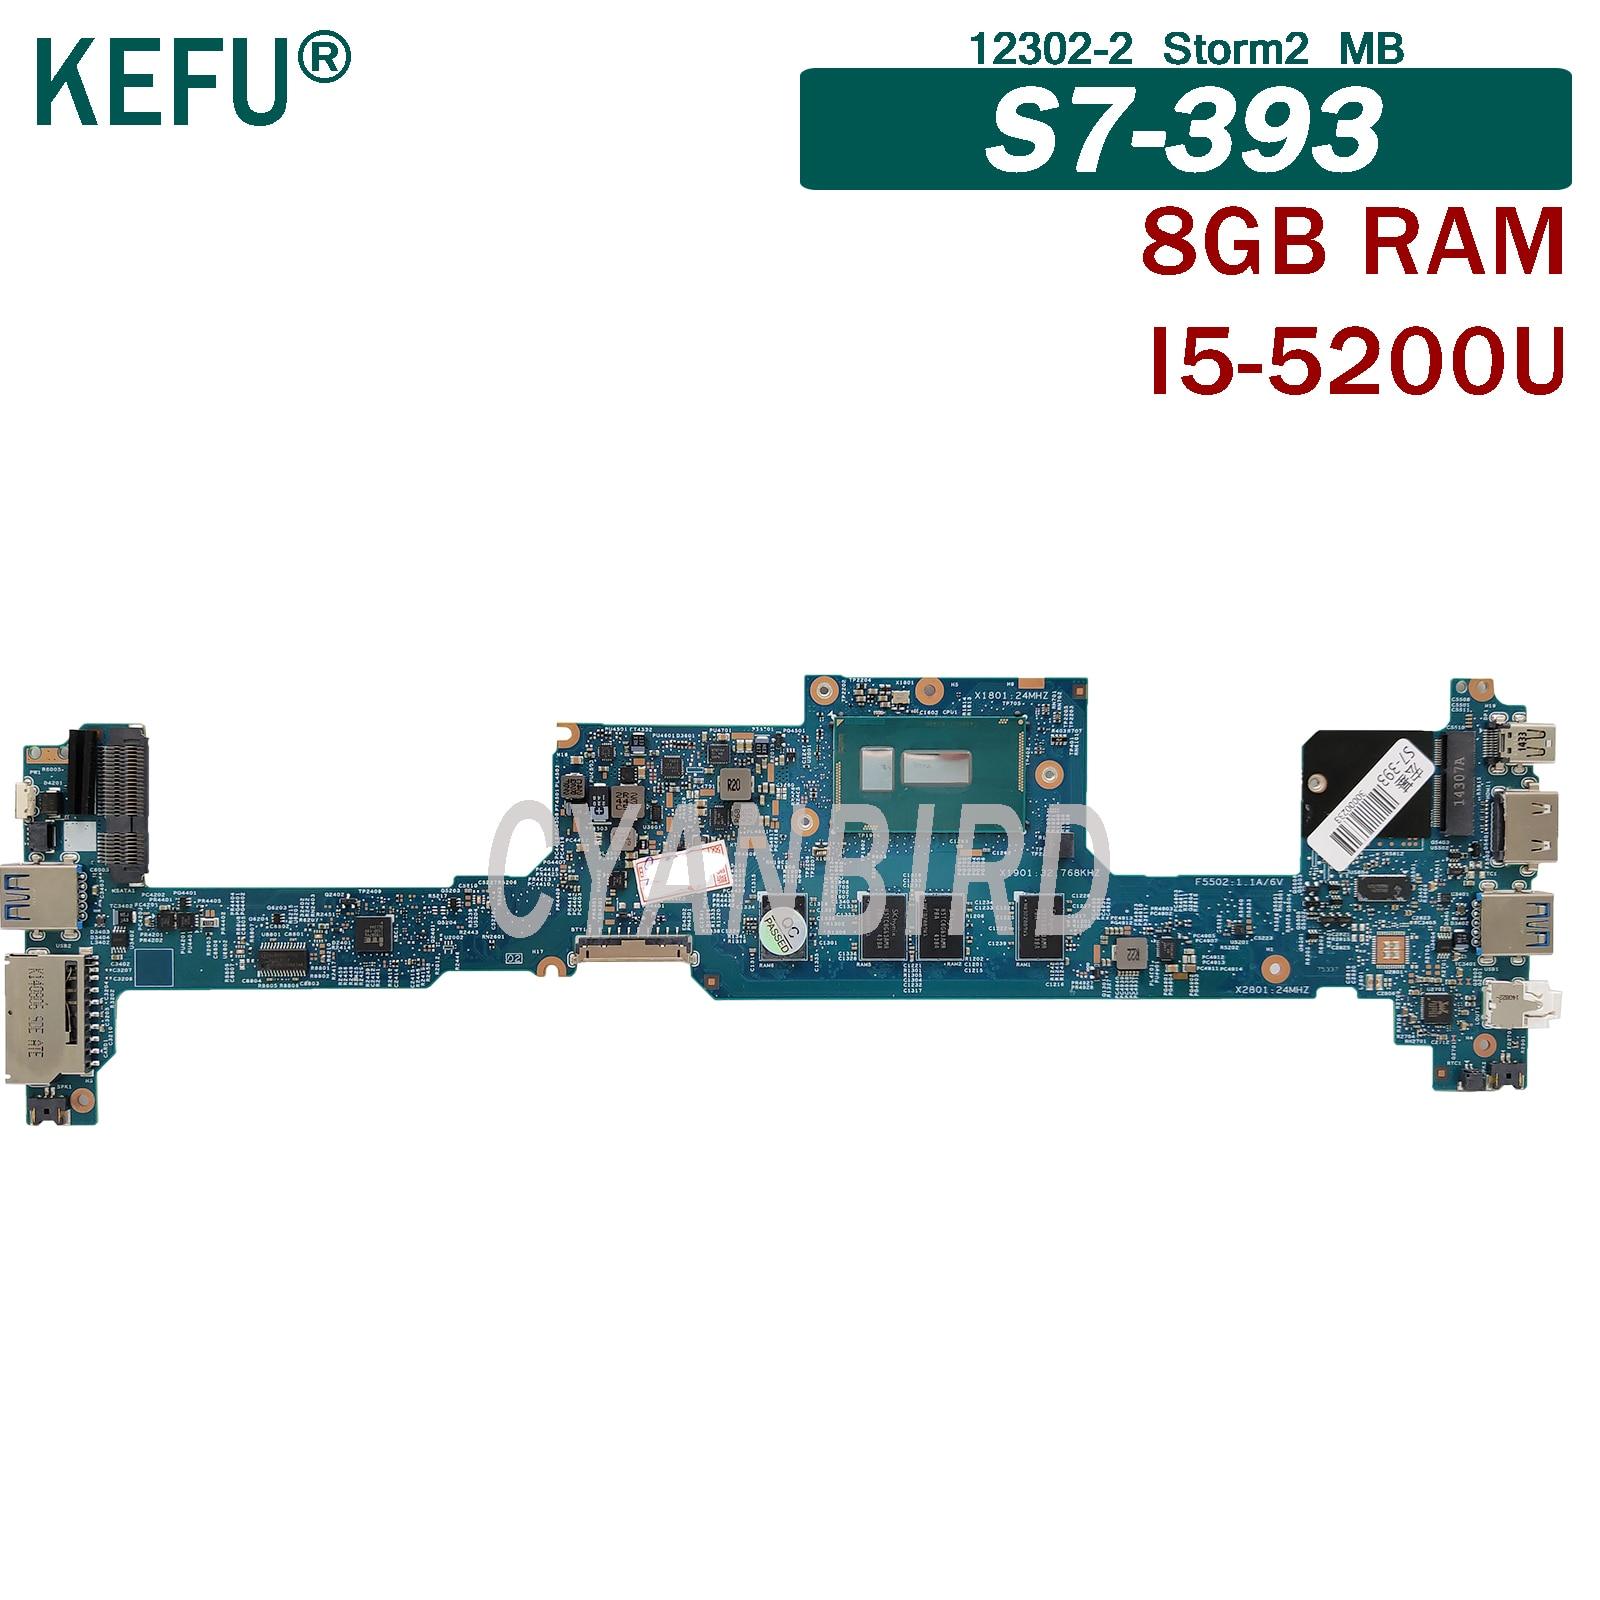 KEFU 12302-2 Storm2 MB placa madre original para Acer S7-393 con DDR3L...